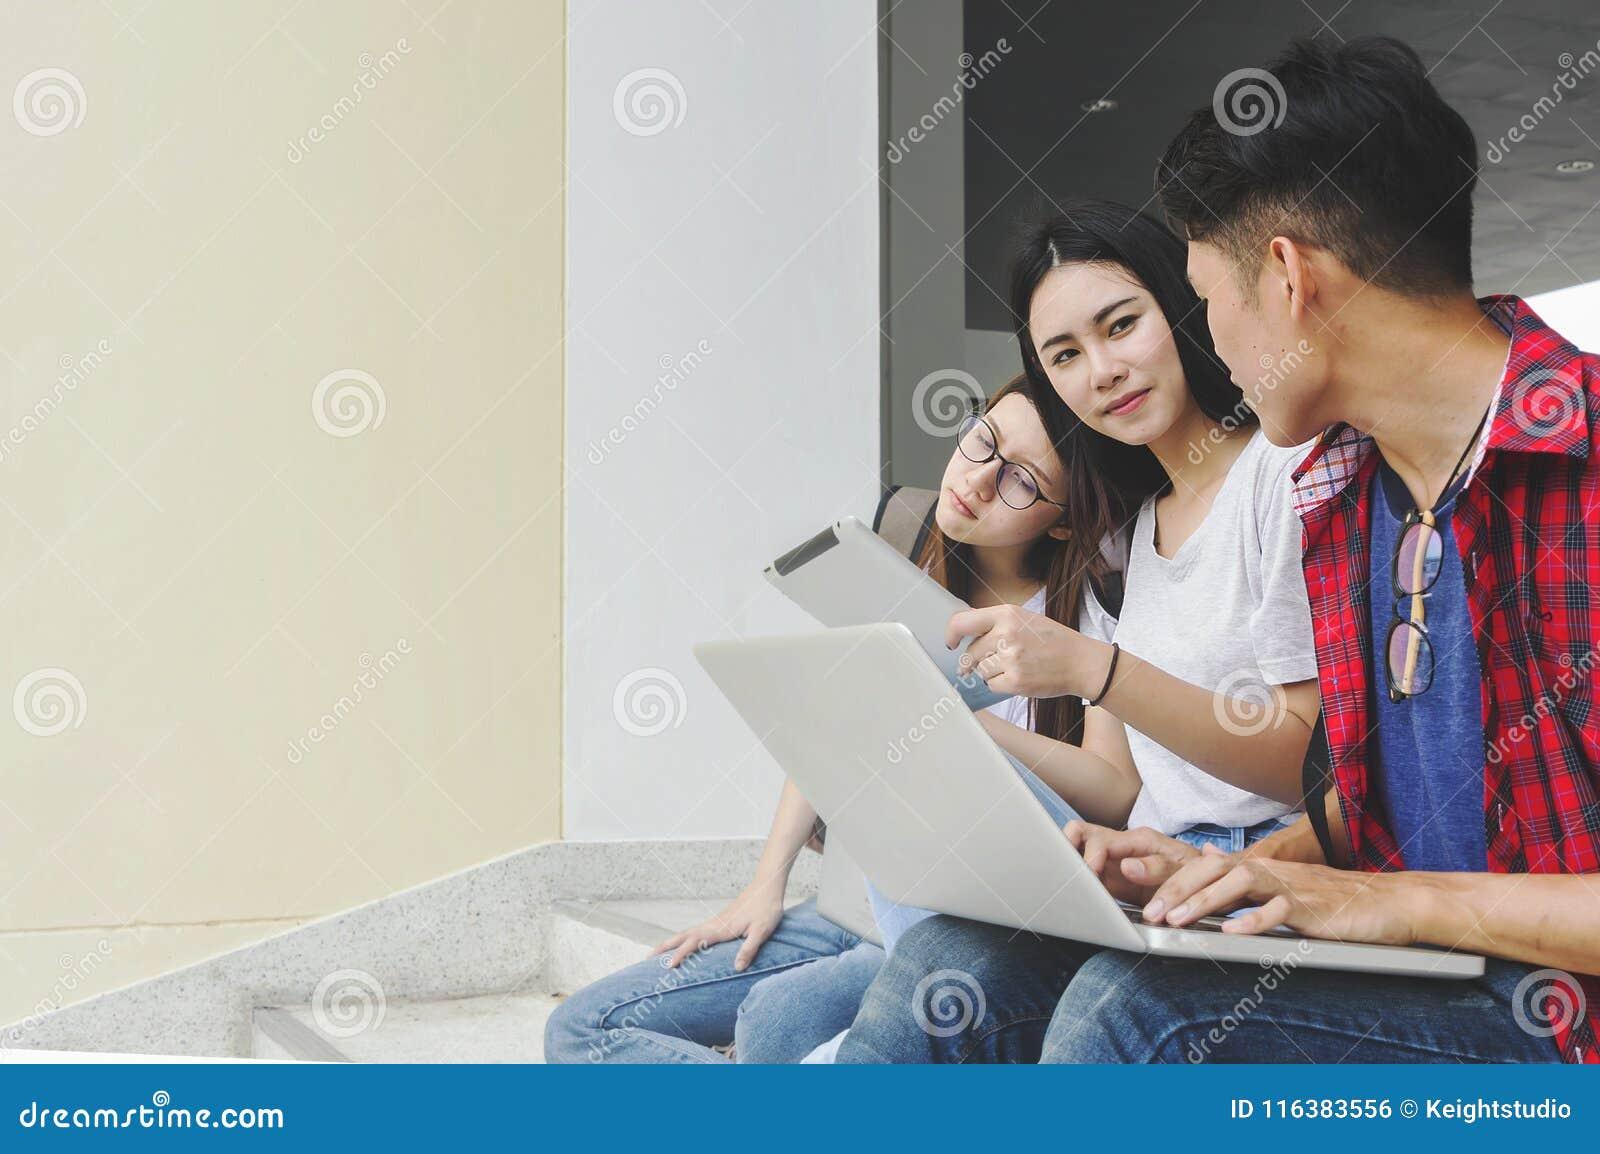 Ομάδα ελκυστικών νέων που χρησιμοποιούν ένα lap-top και μια ταμπλέτα, sitt